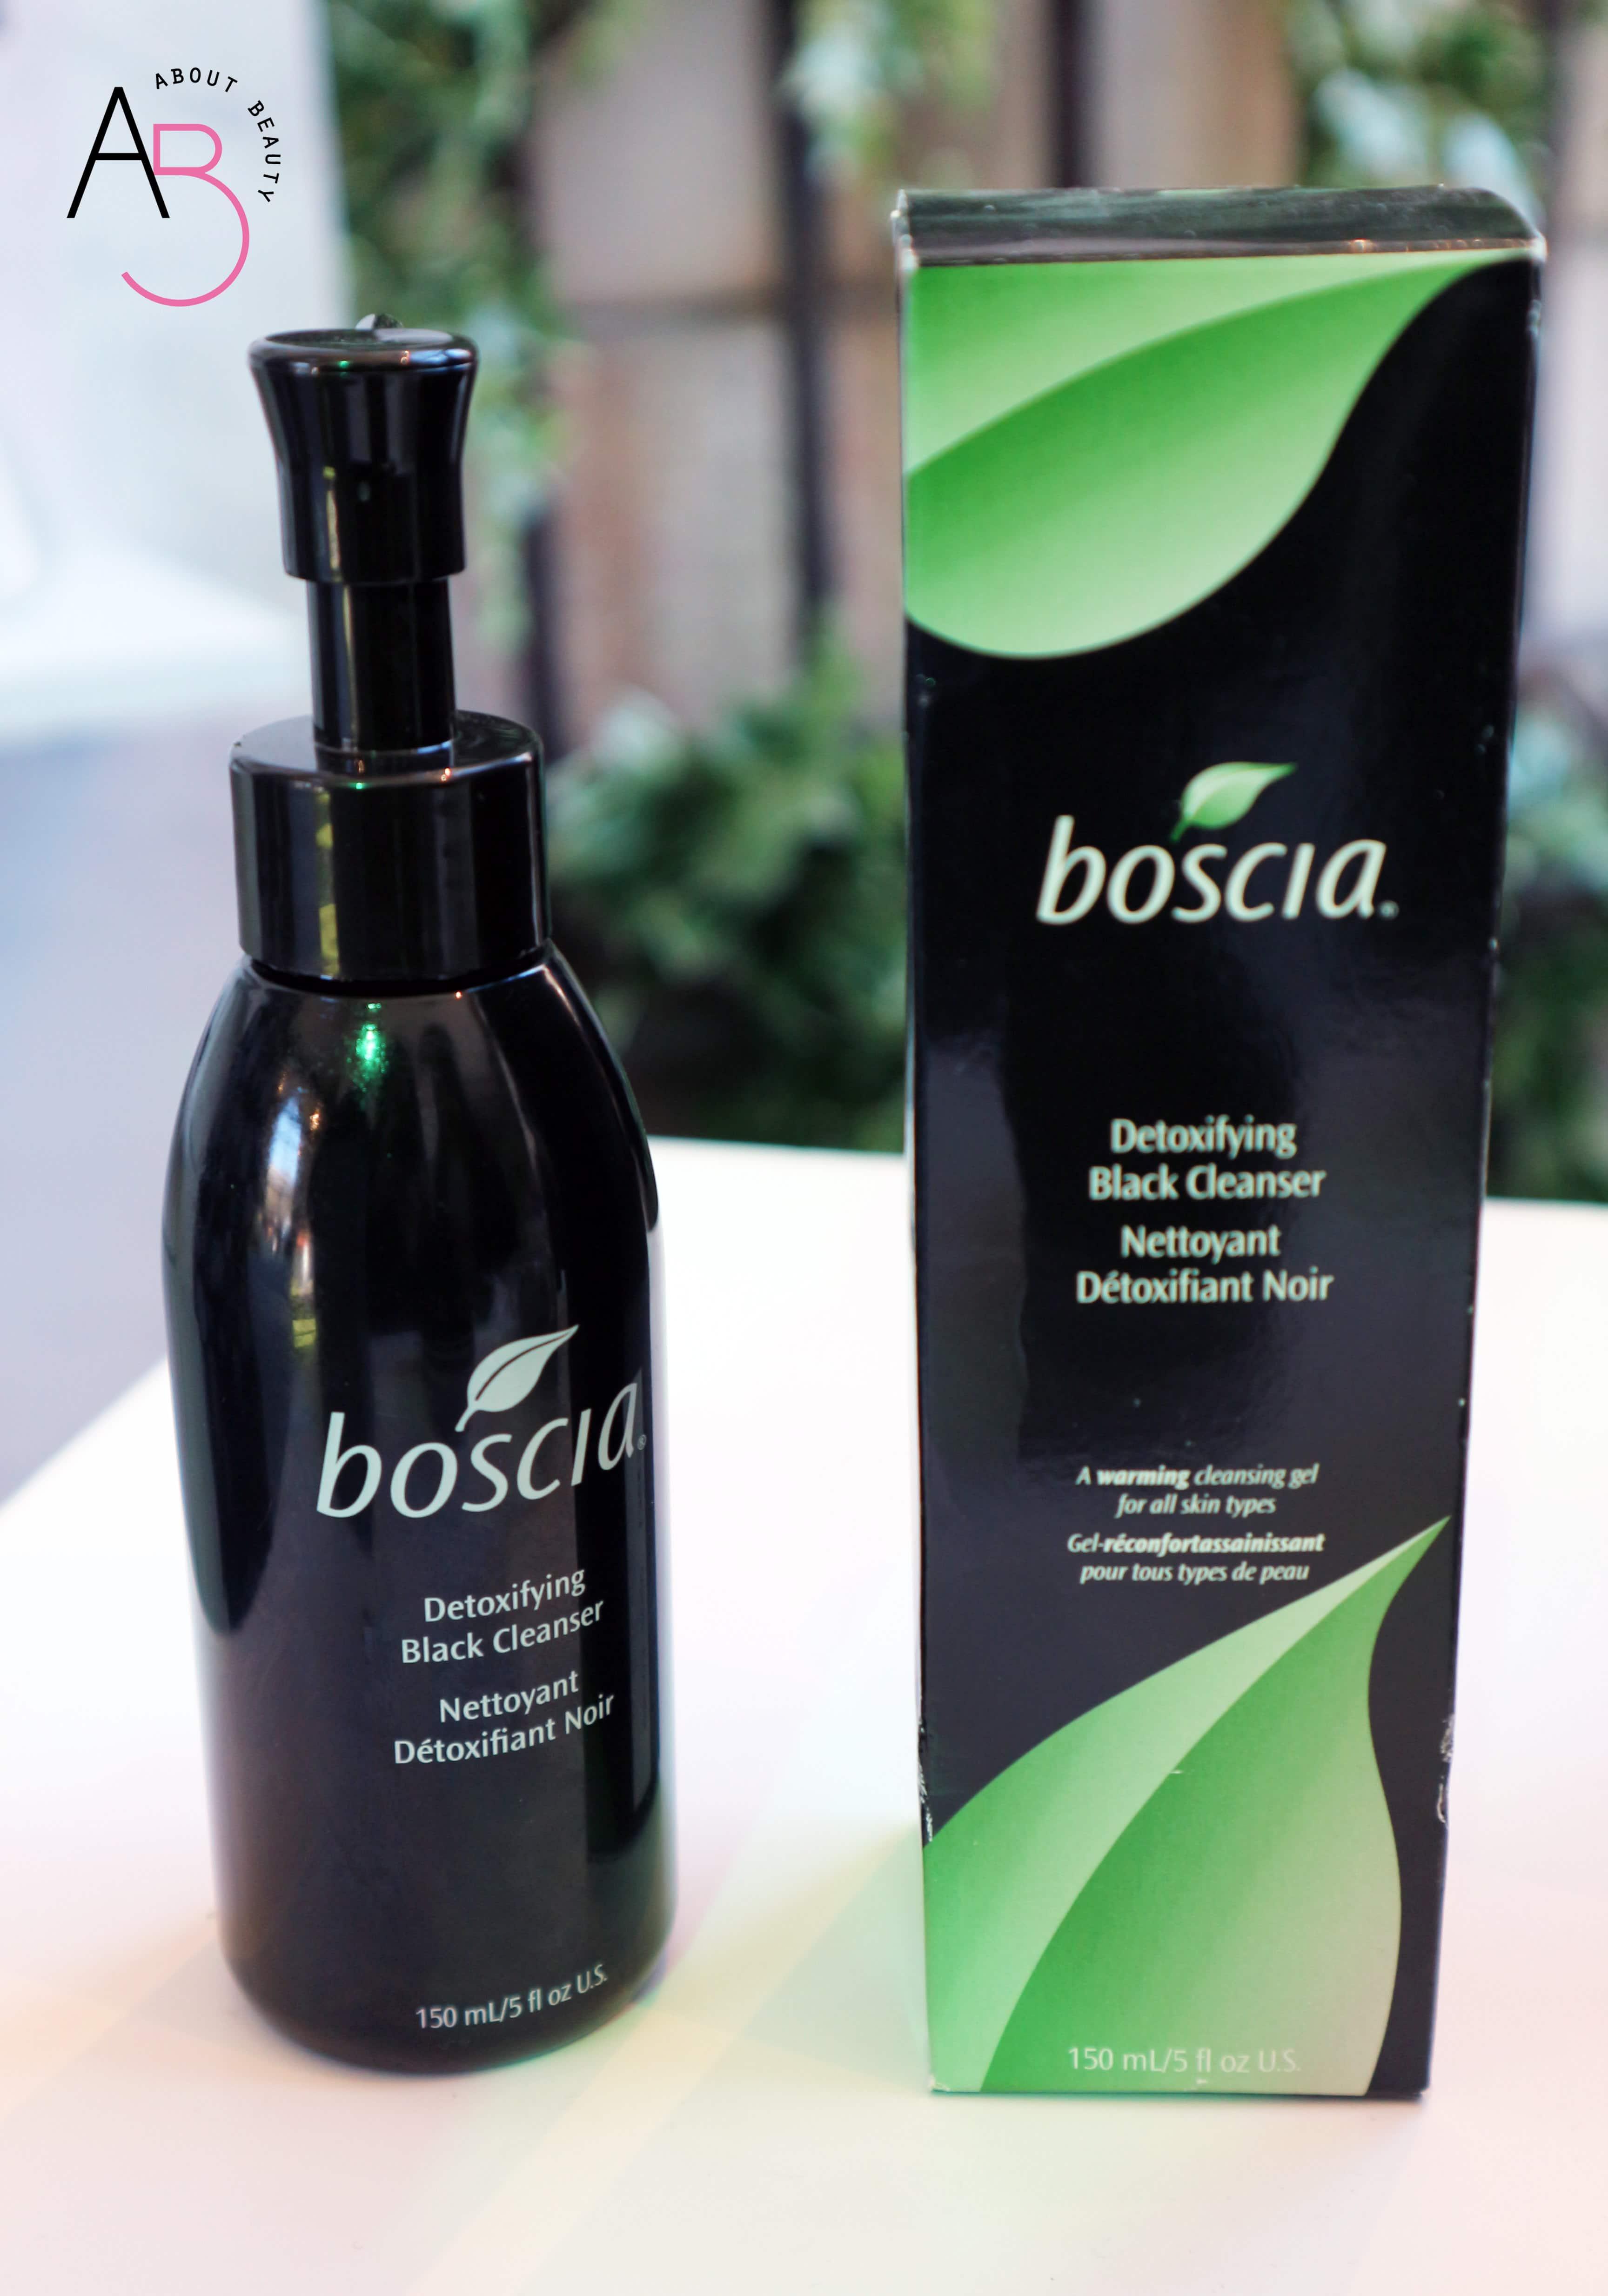 La skincare Boscia arriva in Italia - Info, prezzo, dove acquistare, review, recensione, opinioni - Detoxifying Black Cleanser Detergente Viso